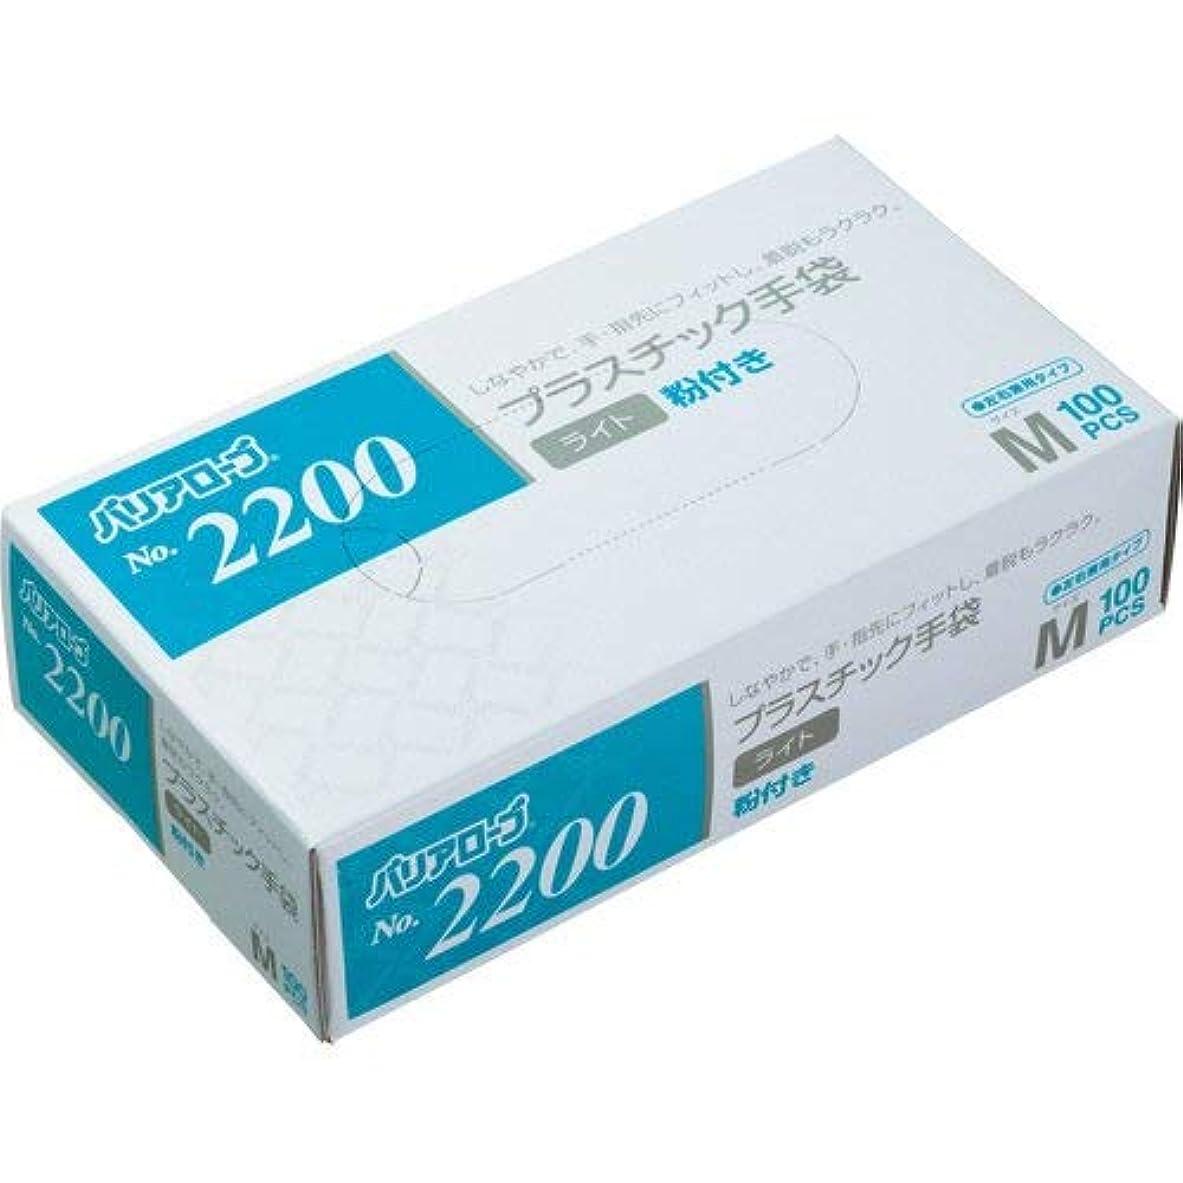 親密なピボット思いやりのある【ケース販売】 バリアローブ №2200 プラスチック手袋 ライト (粉付き) M 2000枚(100枚×20箱)